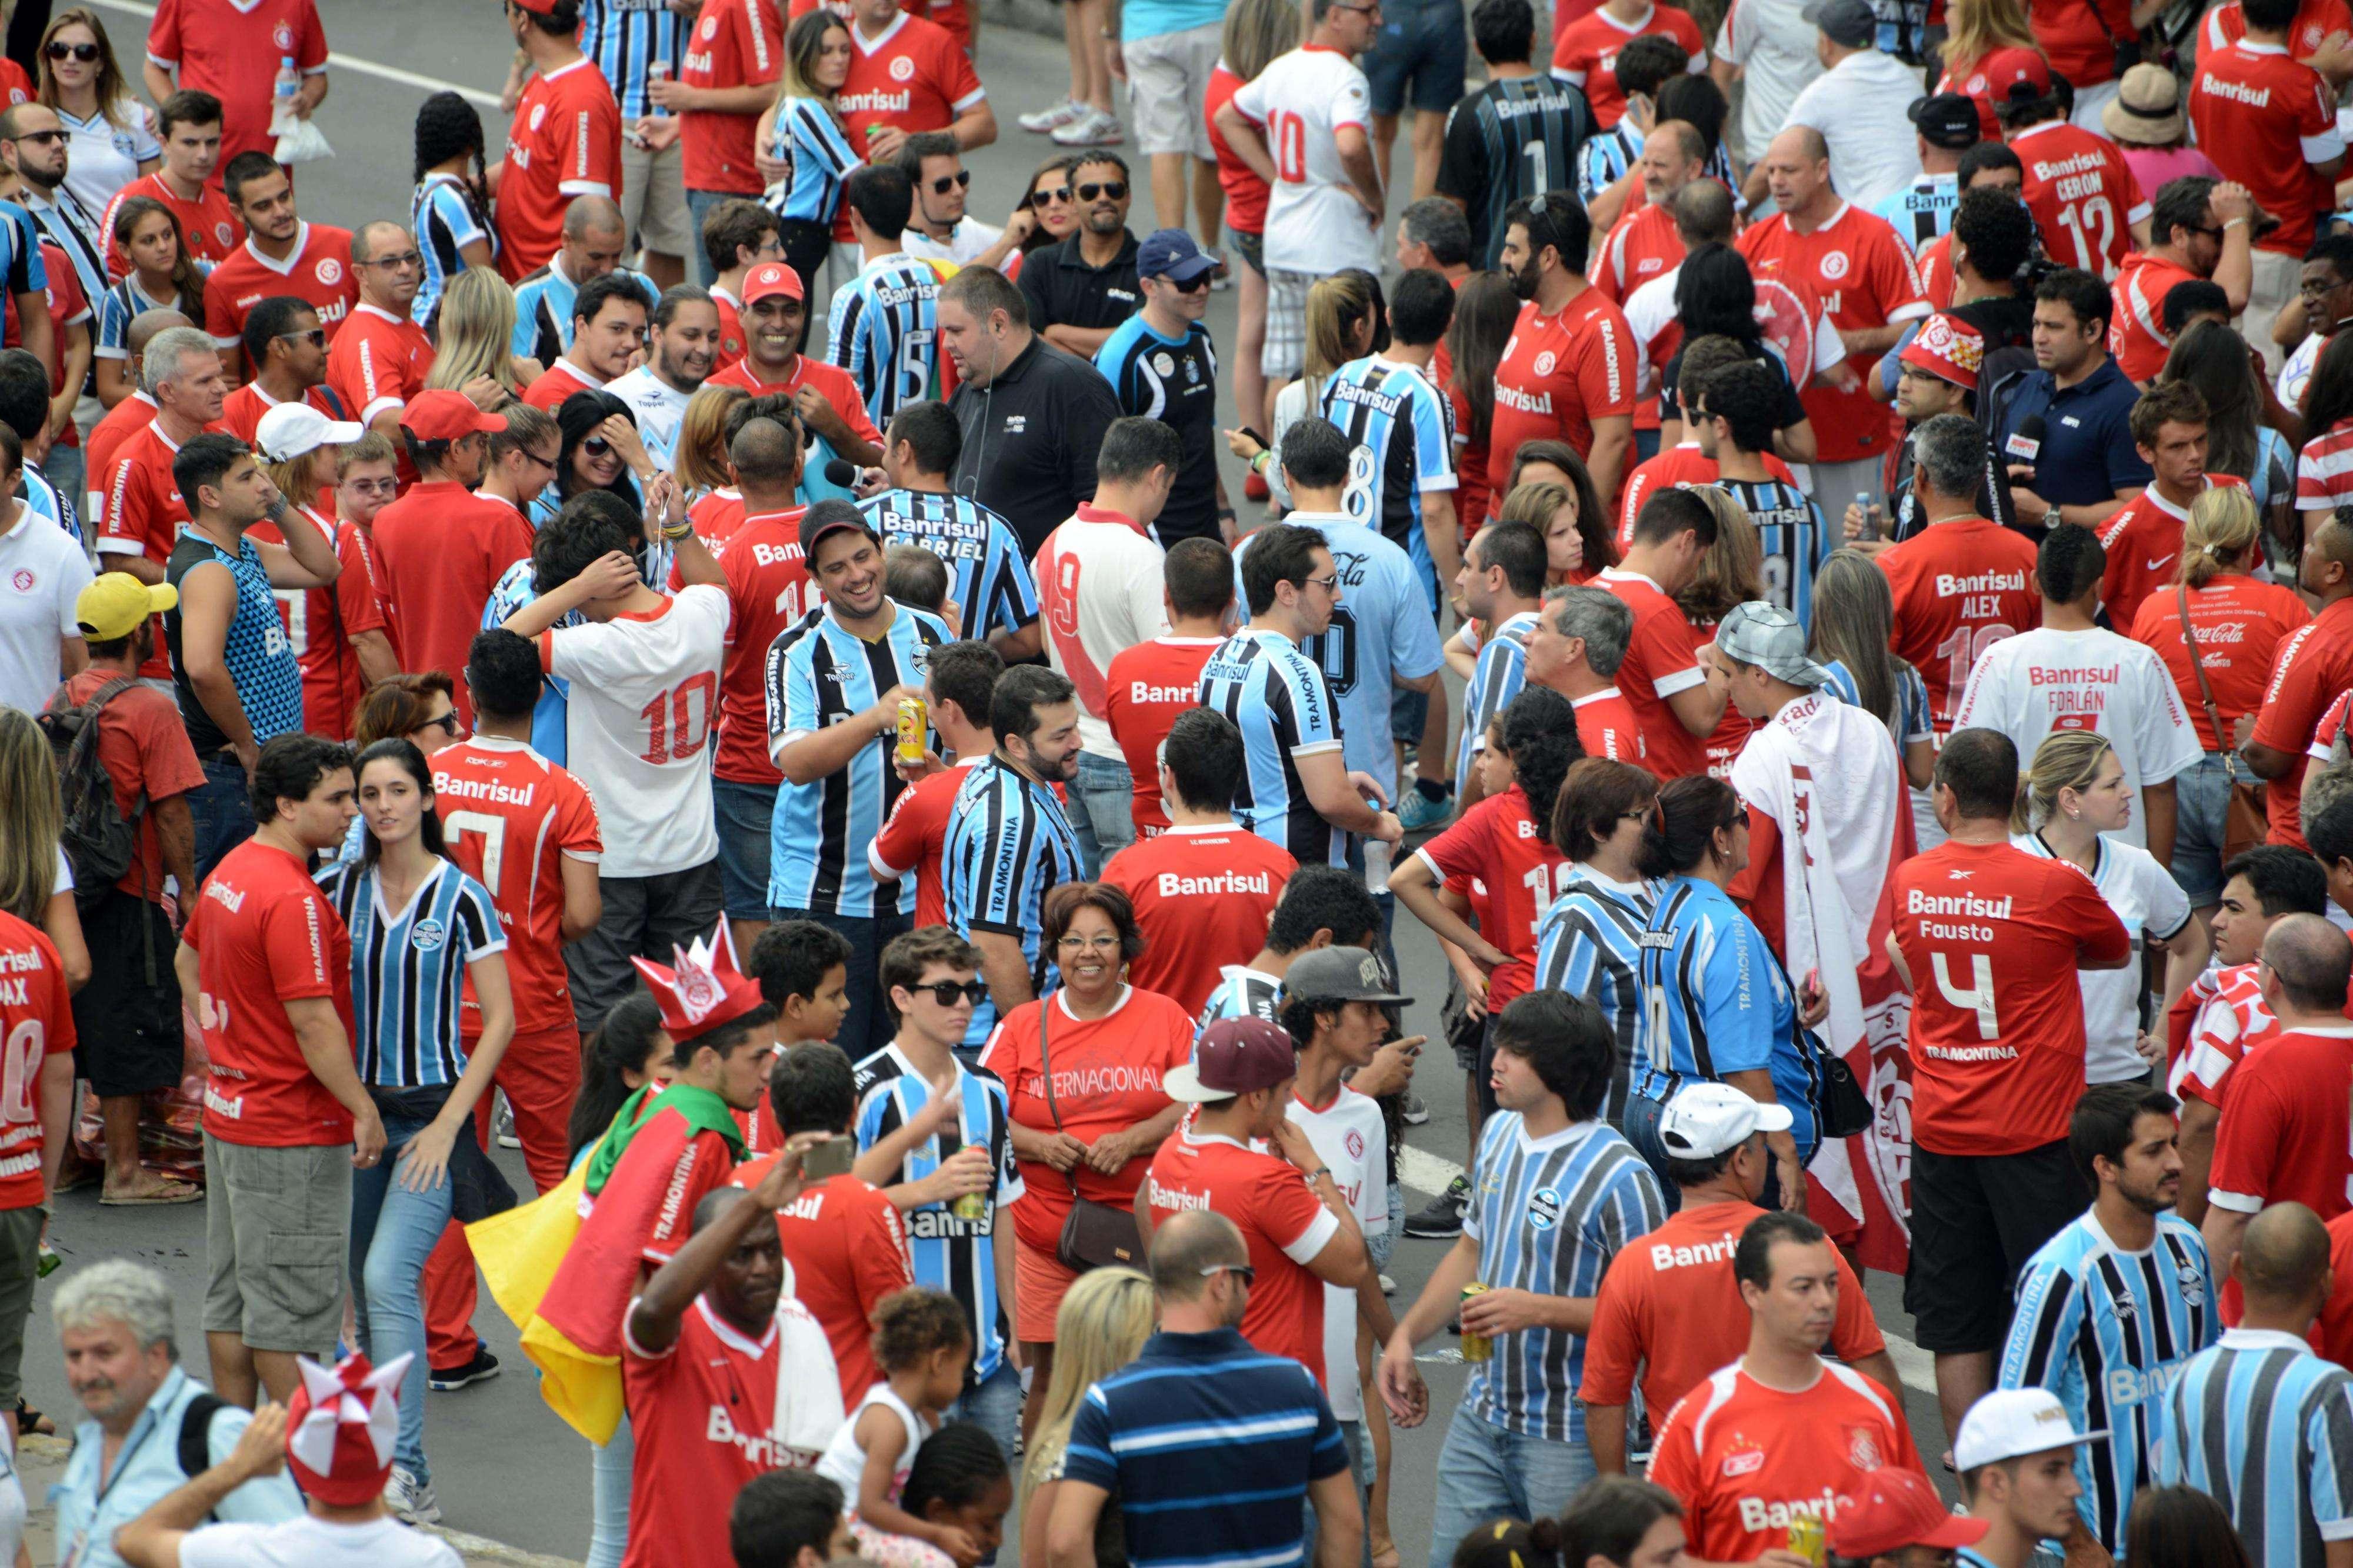 Fotos de torcedores de Internacional e Grêmio chegando para o setor misto Foto: Luiz Munhoz/Fatopress/Gazeta Press